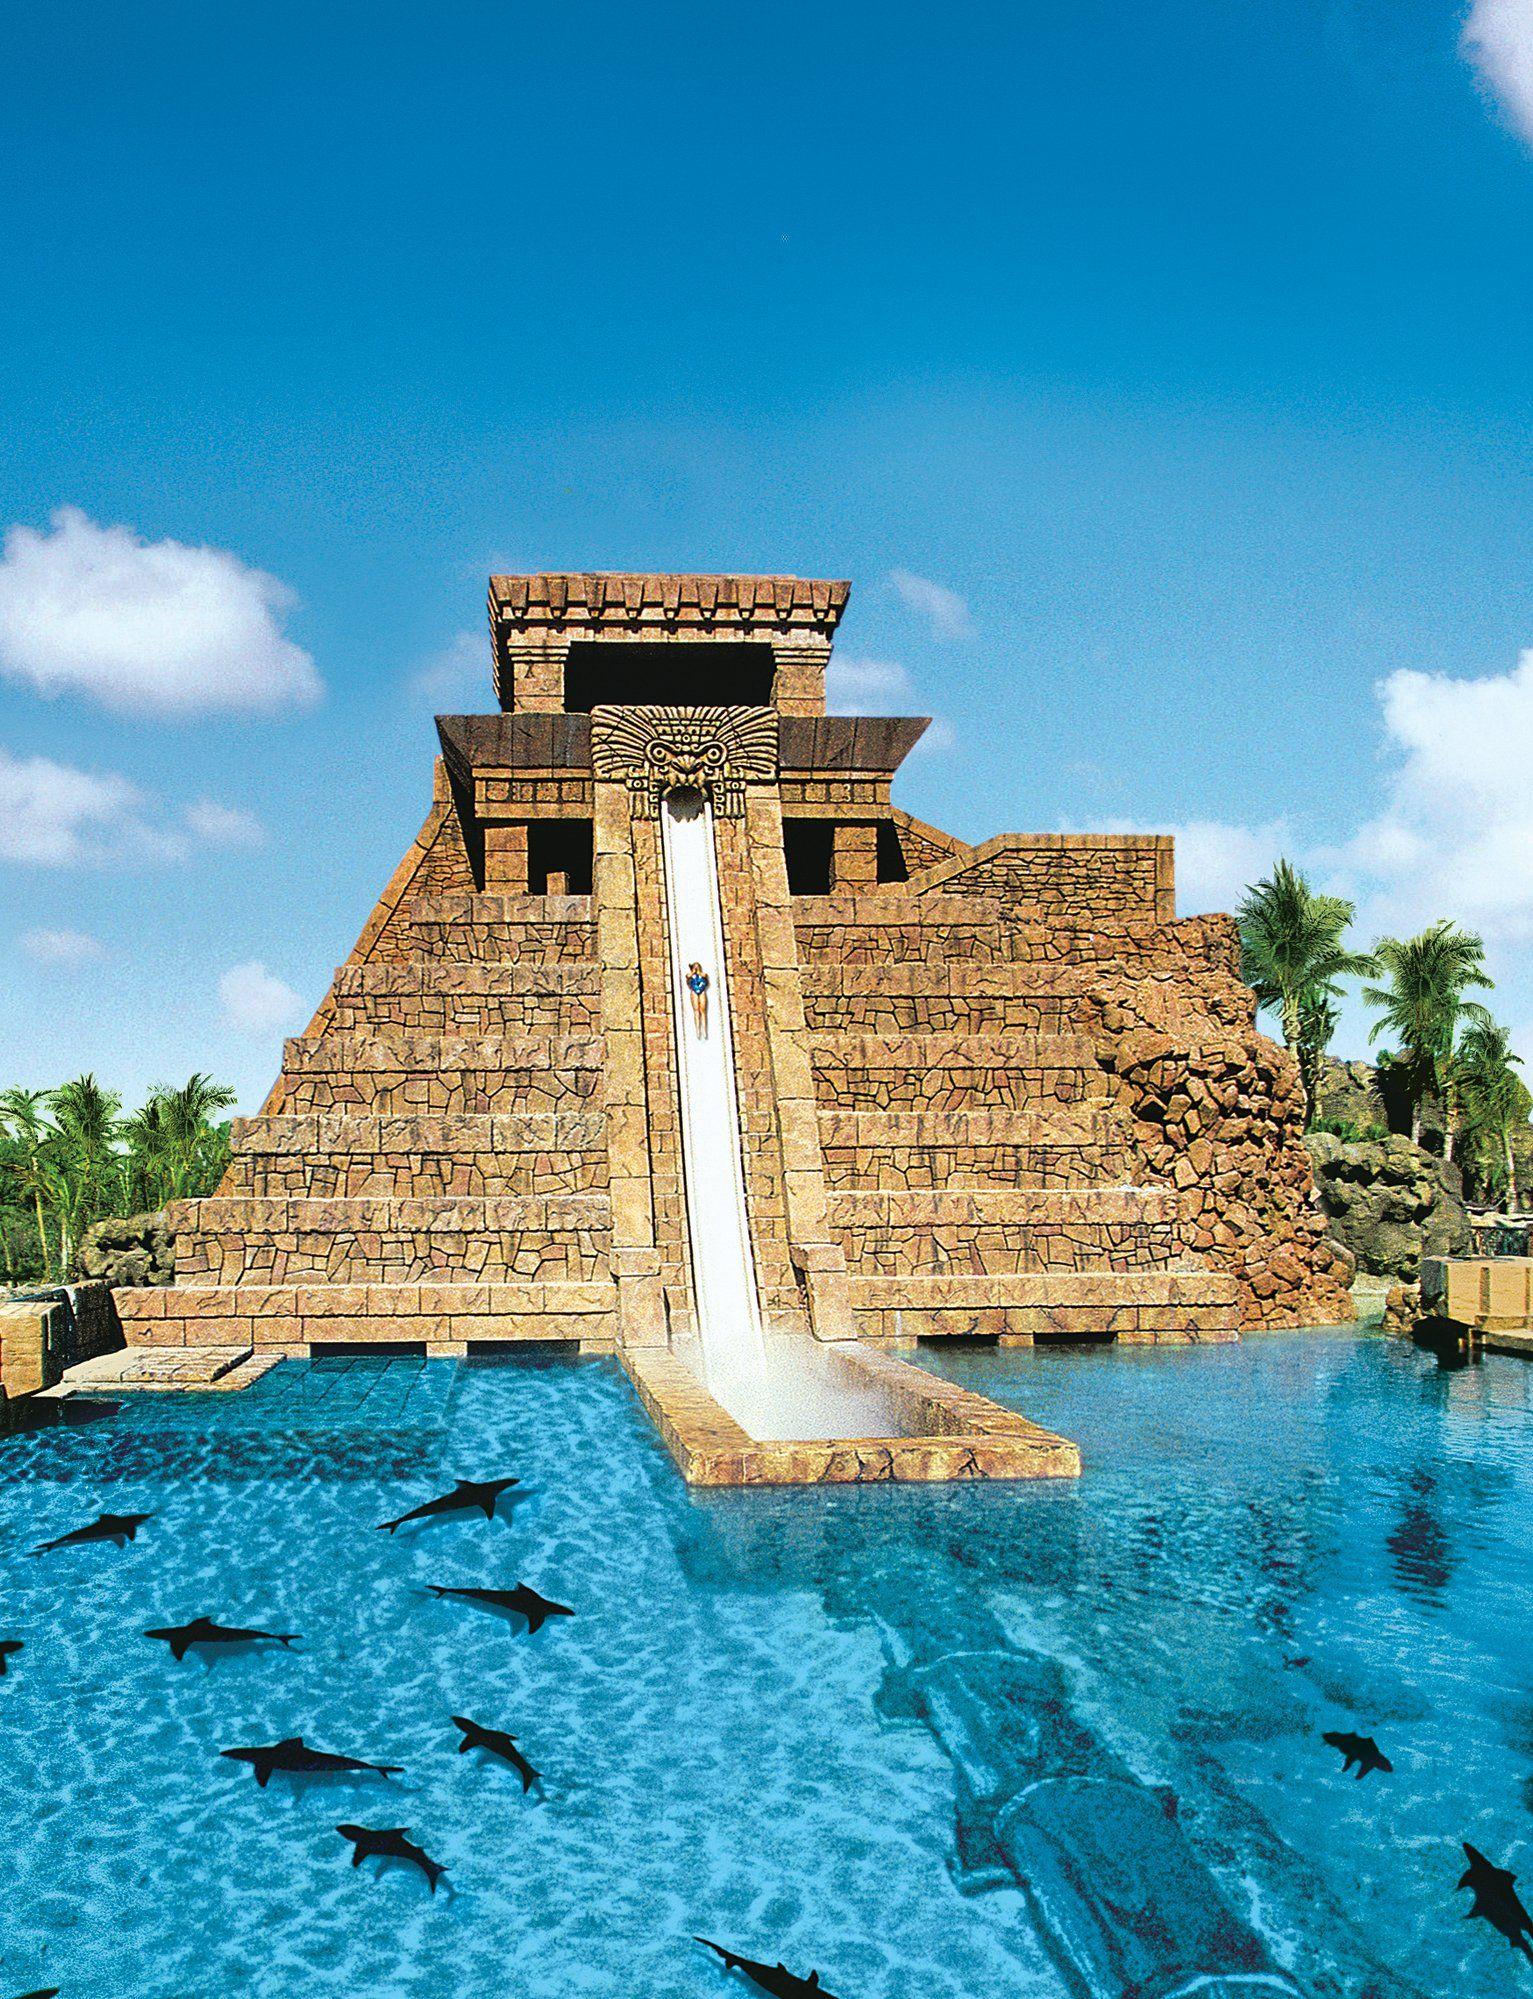 Amazing Slide Down The Atlantis Slide In The Bahamas